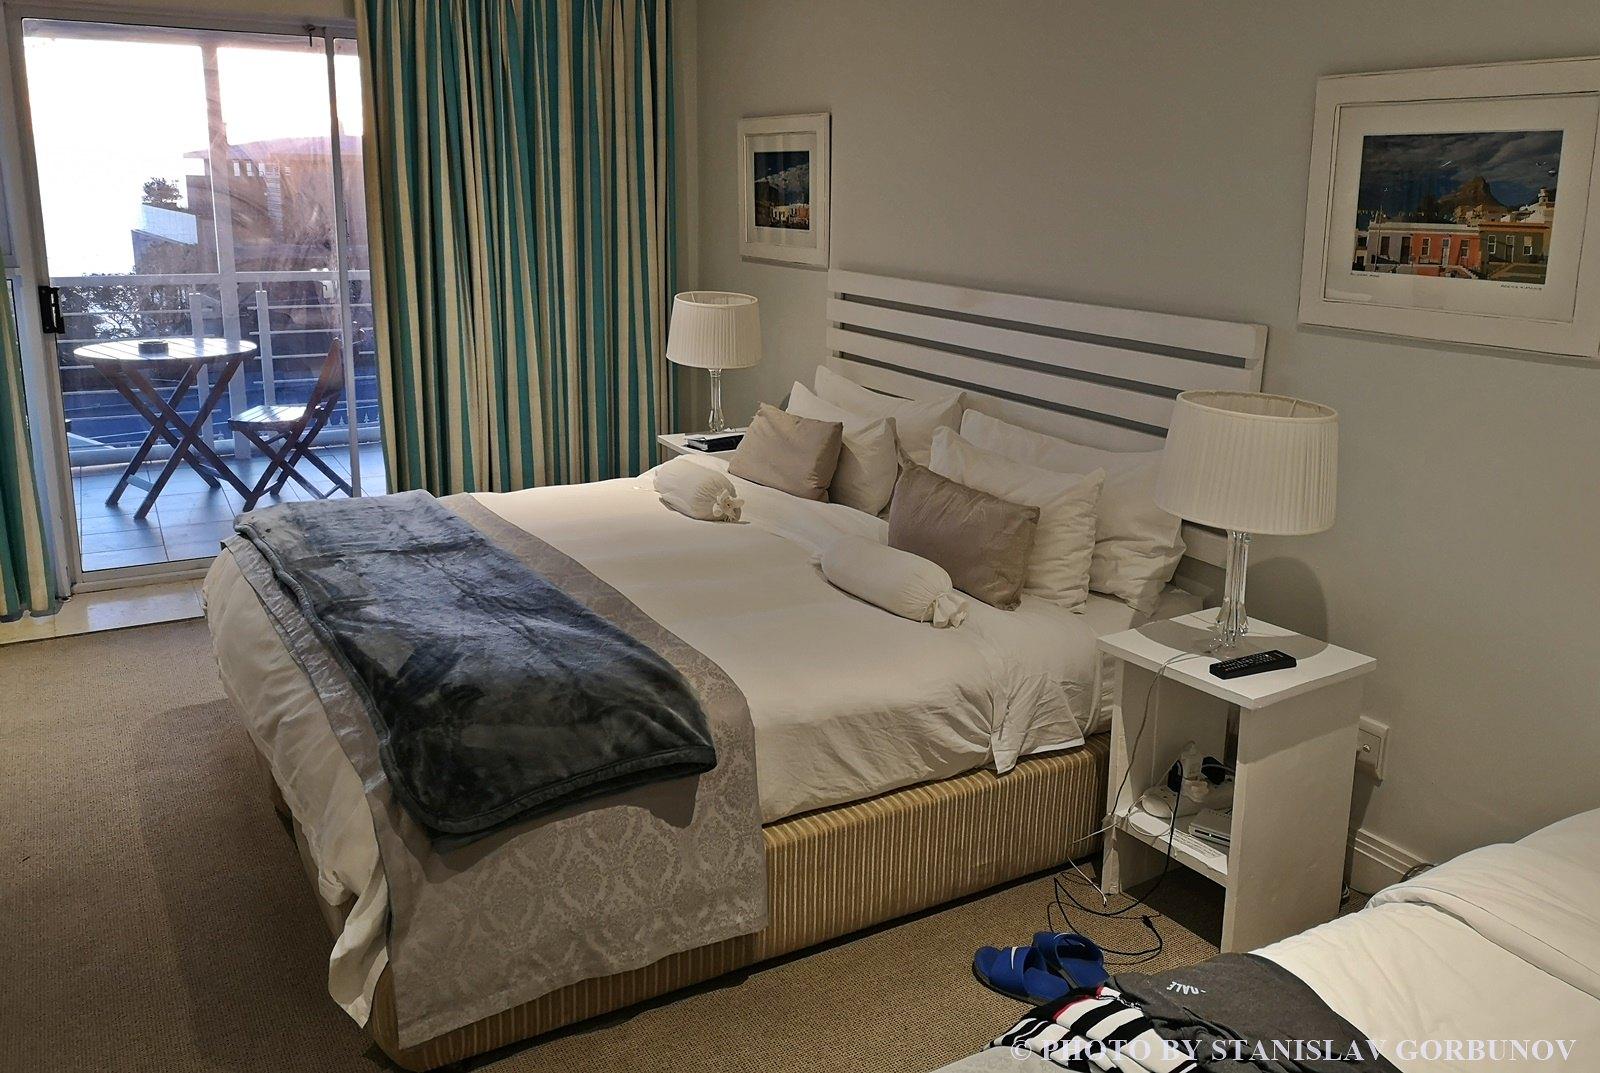 Великолепная девятка гостиниц ЮАР. Это стоит хотя бы один раз увидеть лично! oteli30